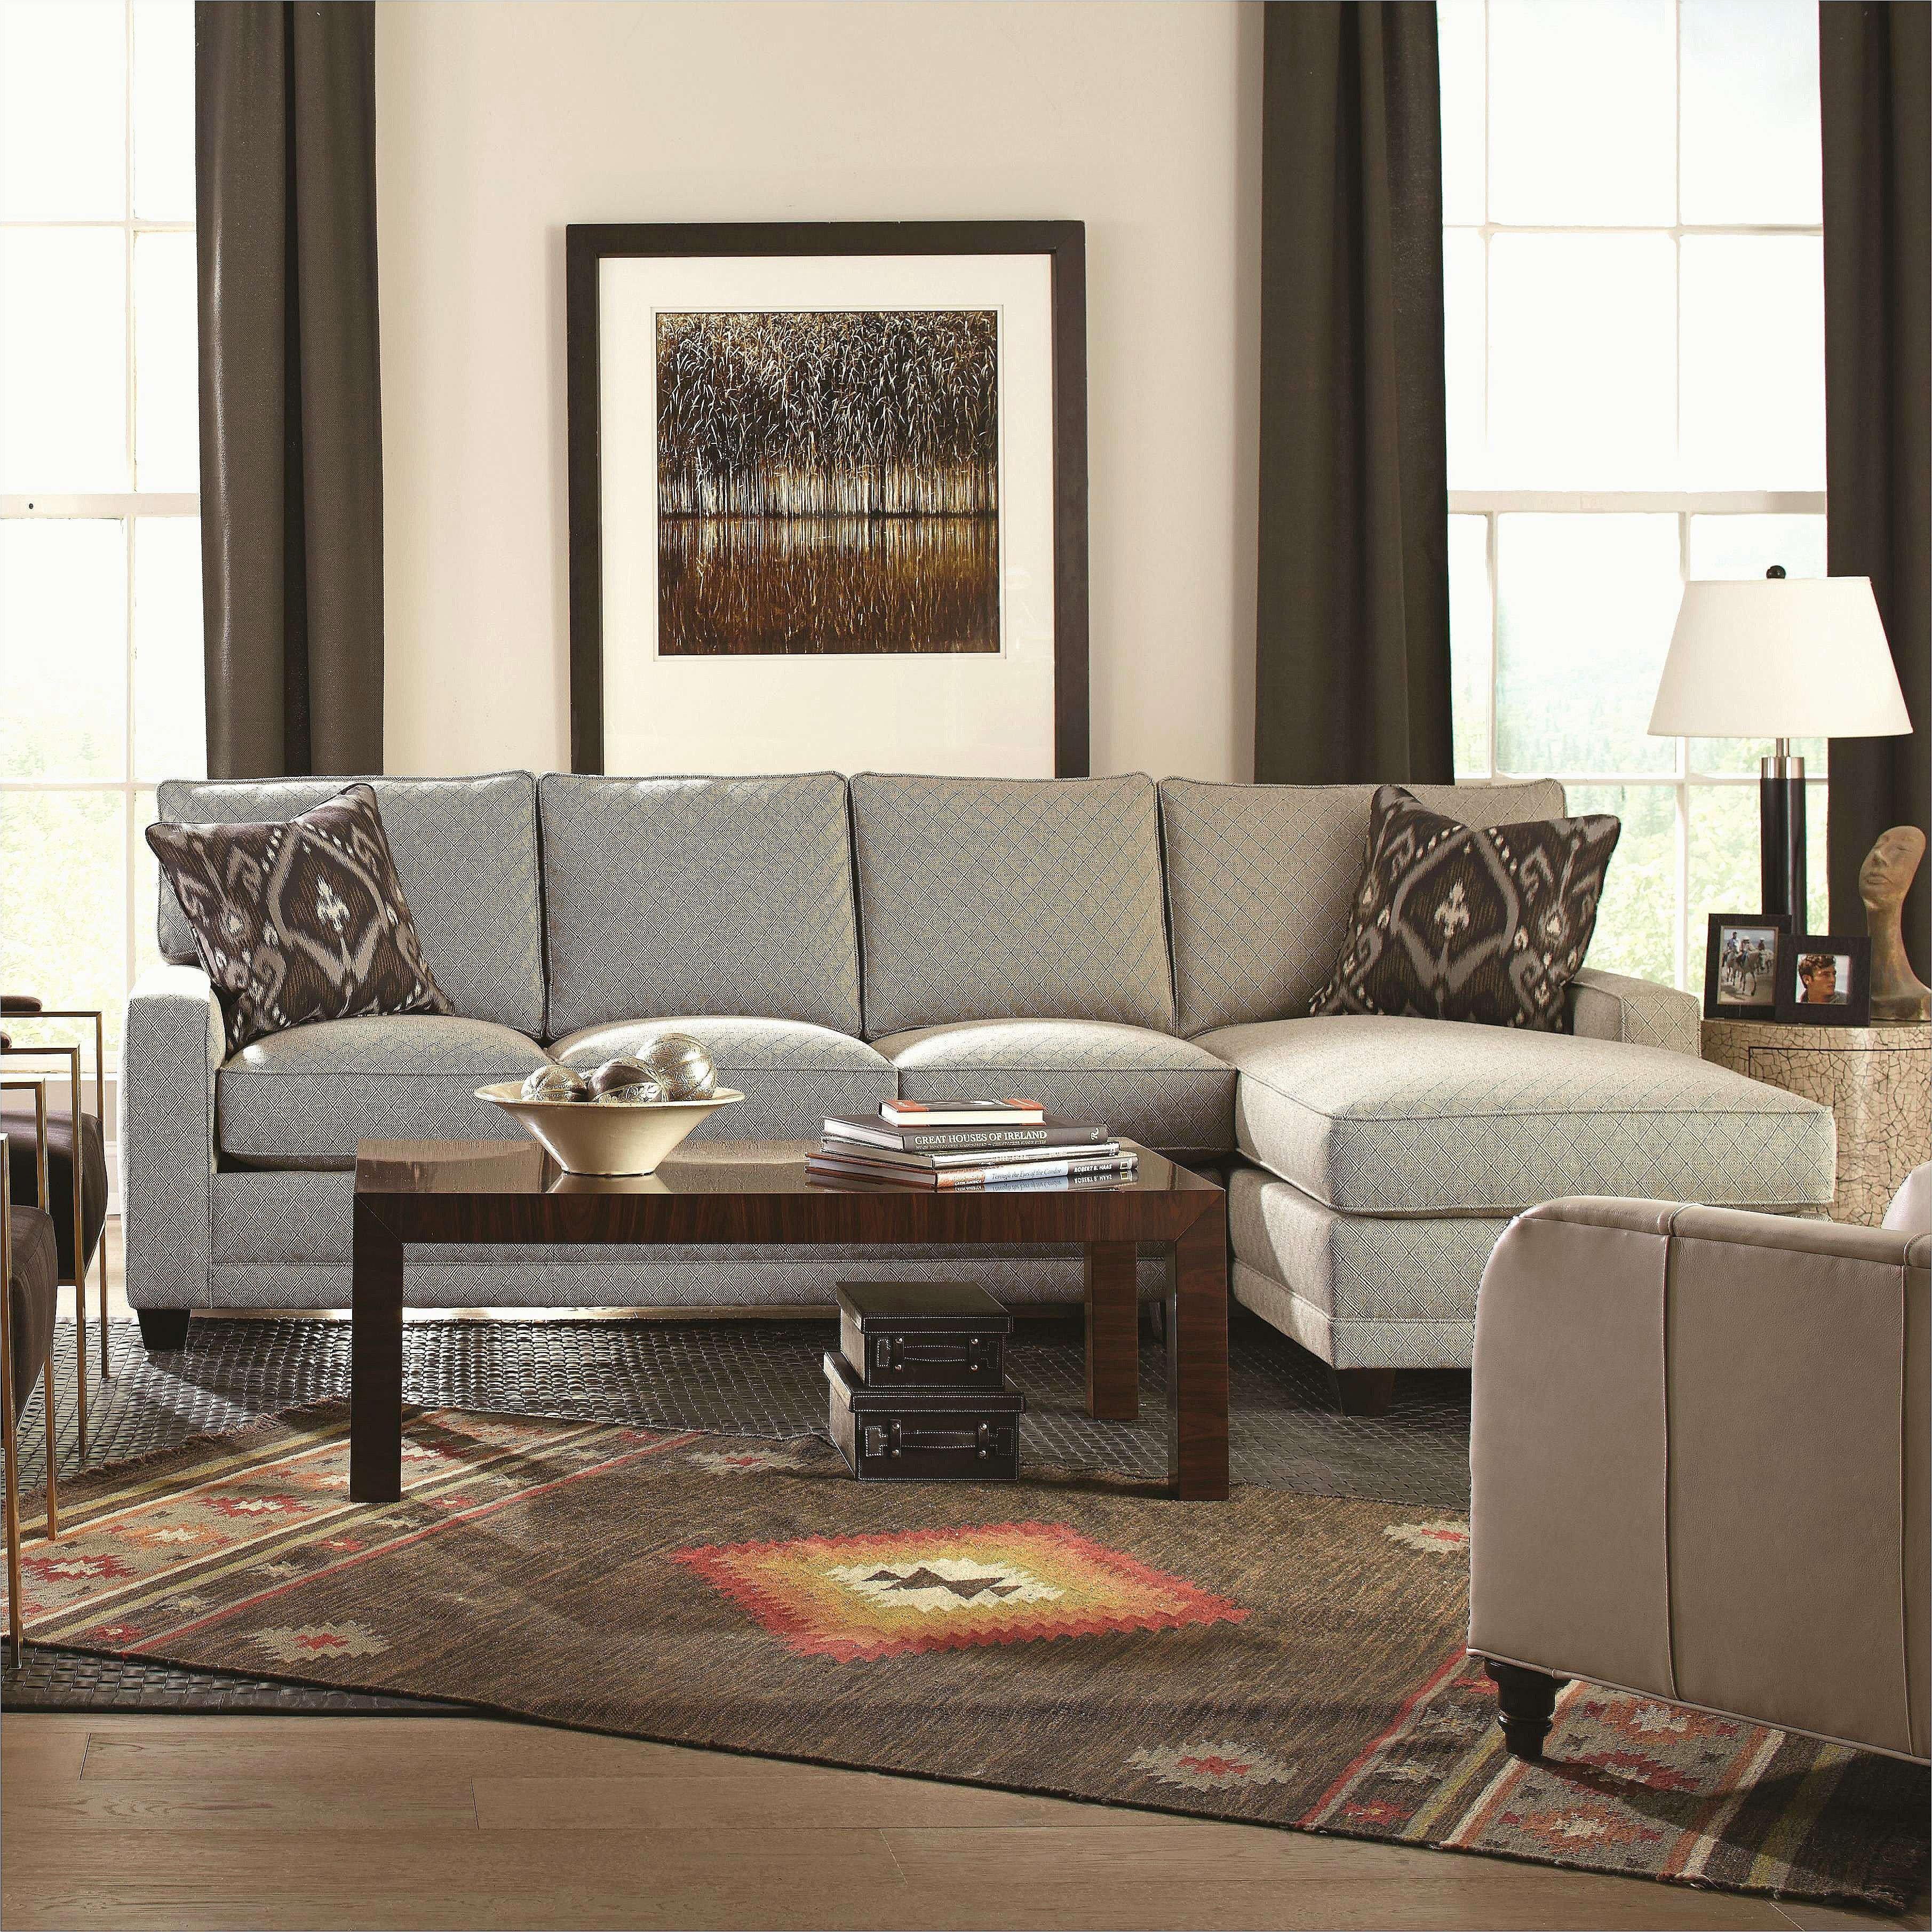 Red and Brown Bedroom Best Of 22 Unique Bedroom Ideas with Dark Hardwood Floors